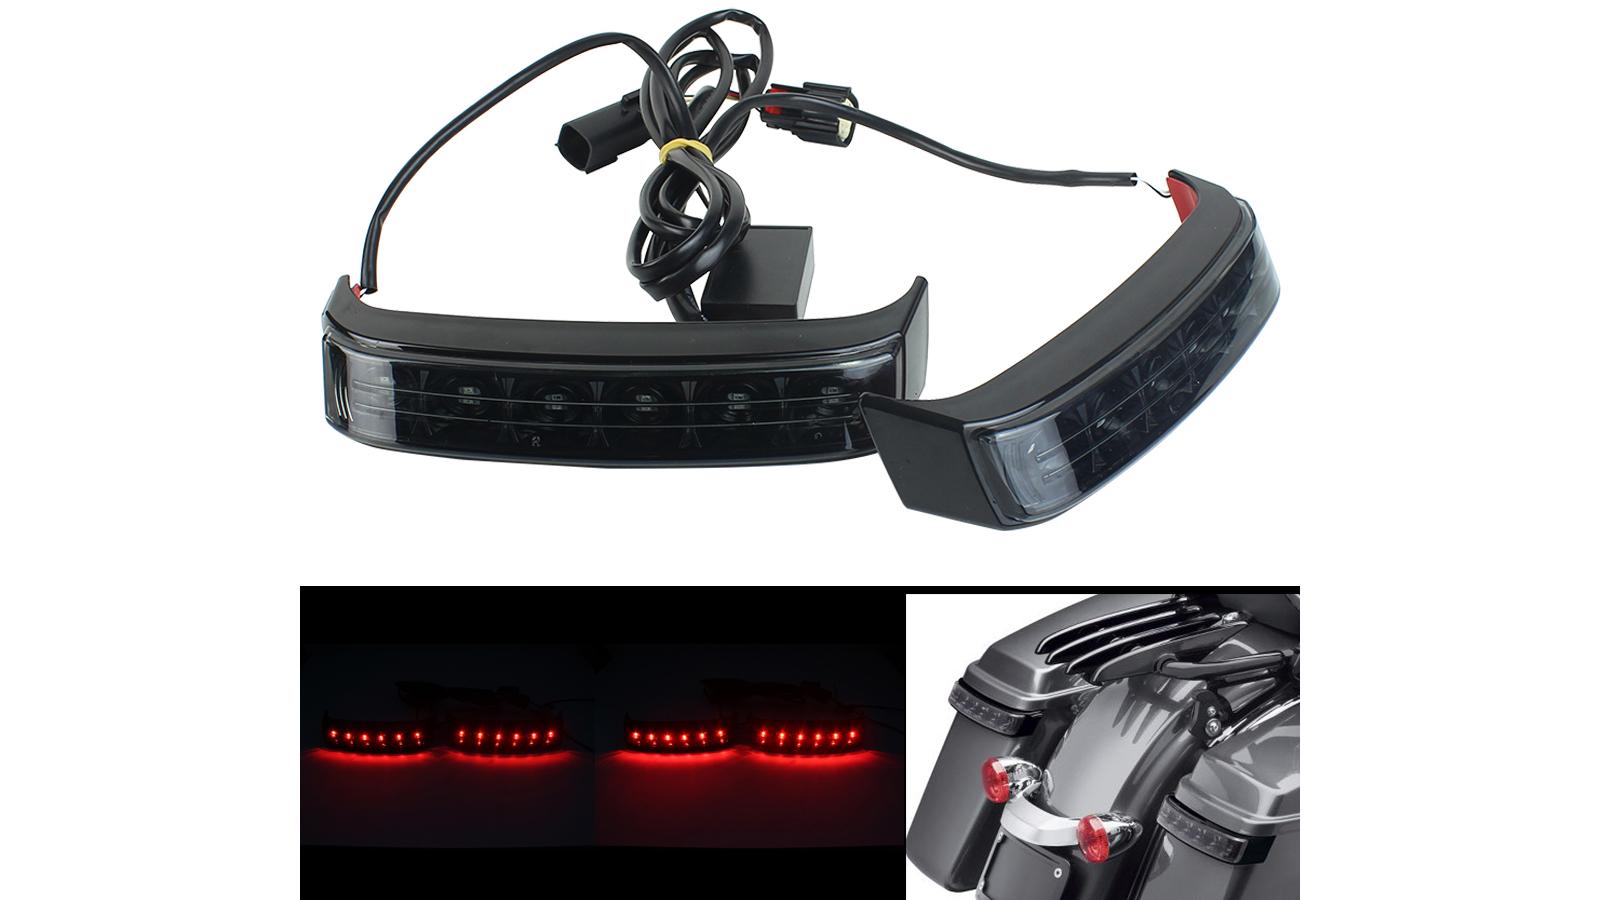 Saddlebag تشغيل الفرامل الصمام بدوره أضواء ل هارلي سيفو الكترا الطريق الإنزلاق 2014-2020